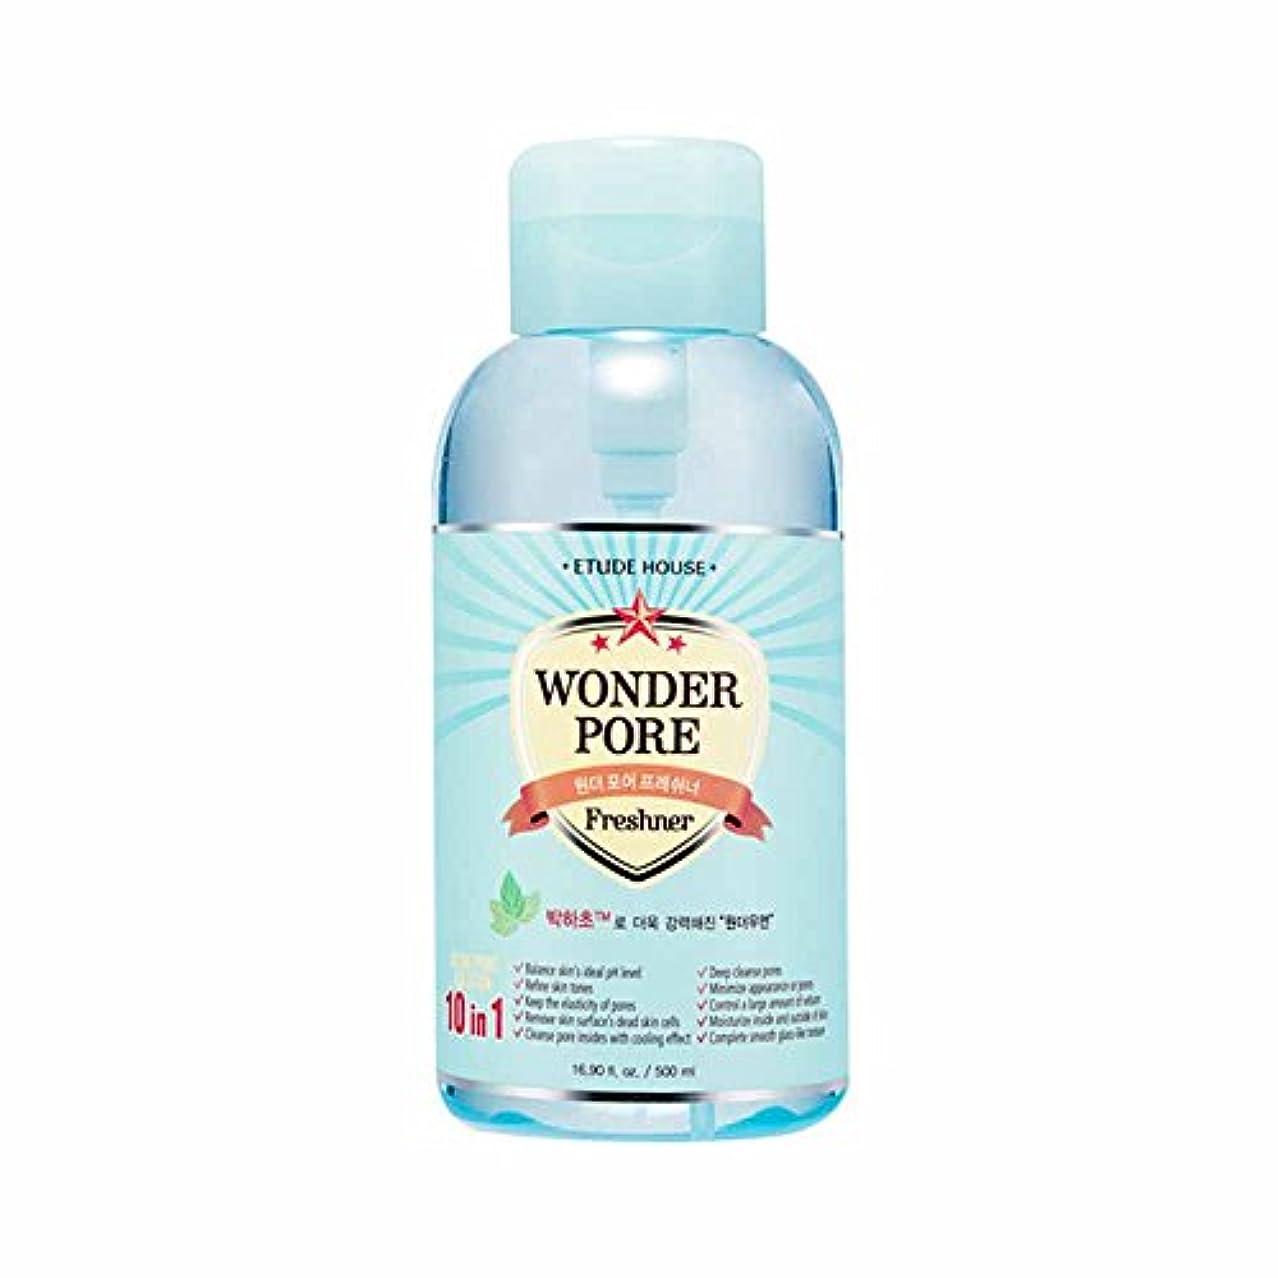 喜んで思慮のない描く(6 Pack) ETUDE HOUSE Wonder Pore Freshner 10 in 1,500 mL (並行輸入品)